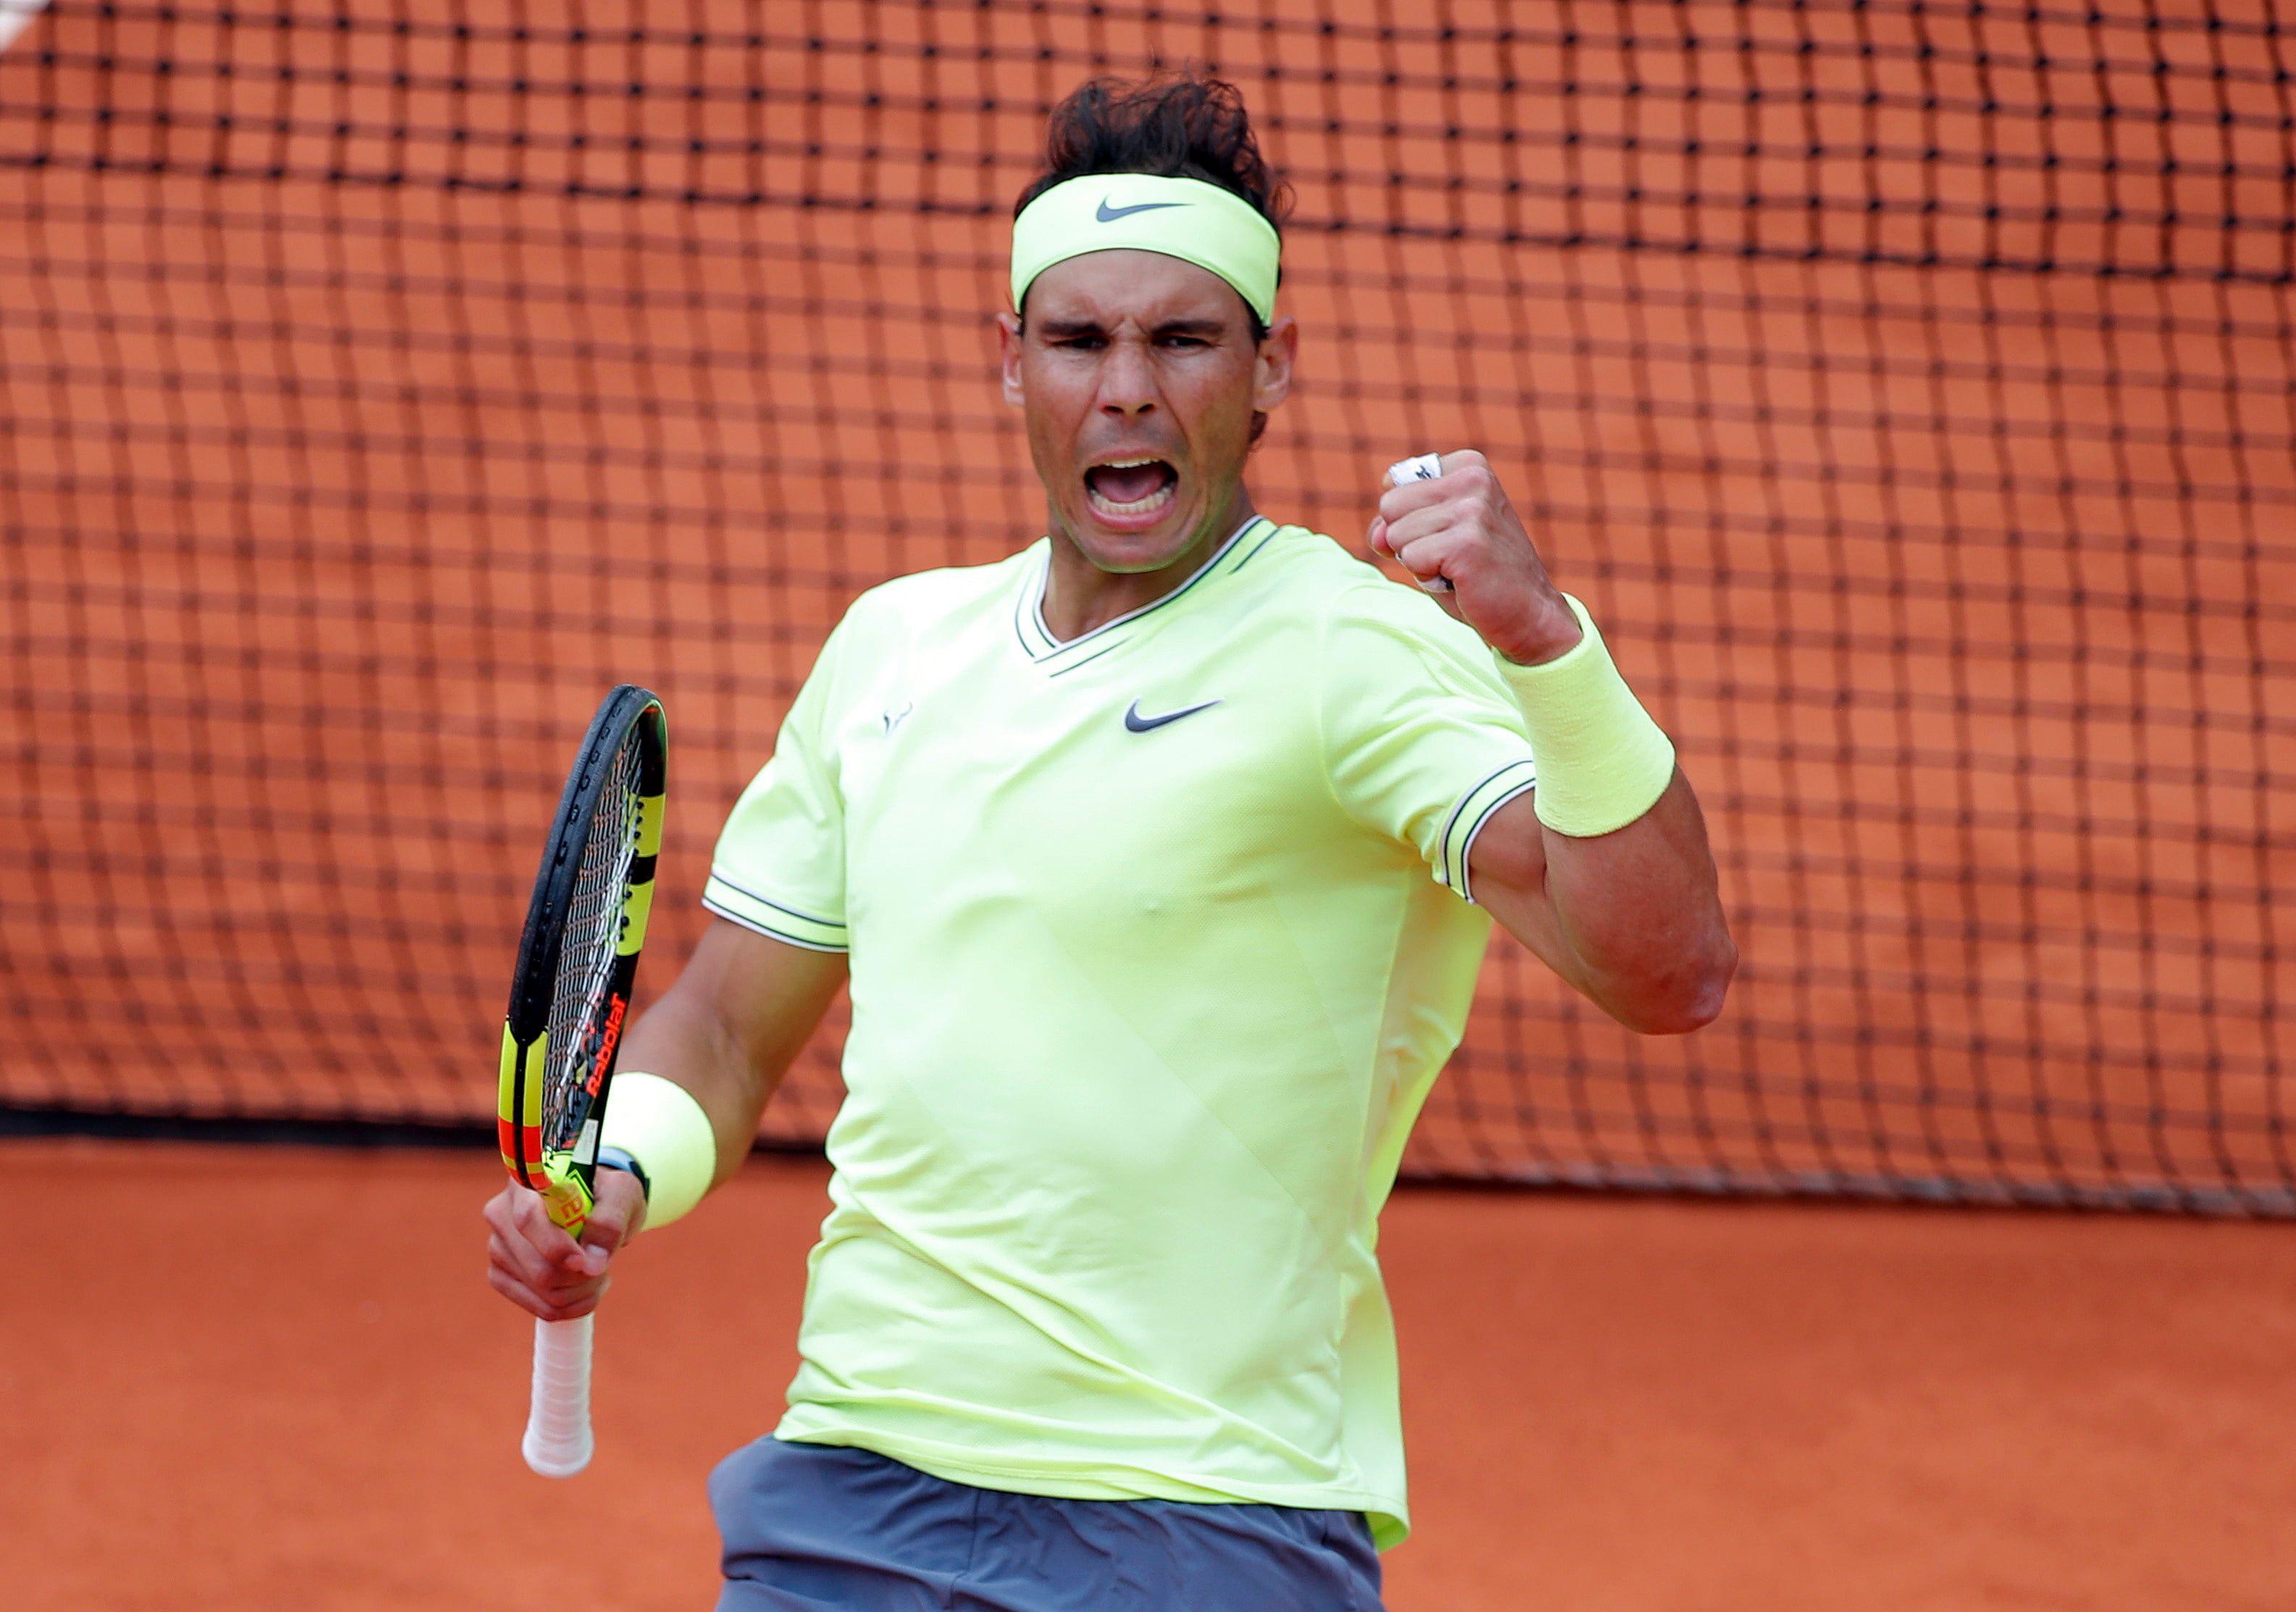 Tennis Rafael Nadal Spanish 2k Wallpaper Hdwallpaper Desktop In 2020 Roger Federer Rafael Nadal French Open